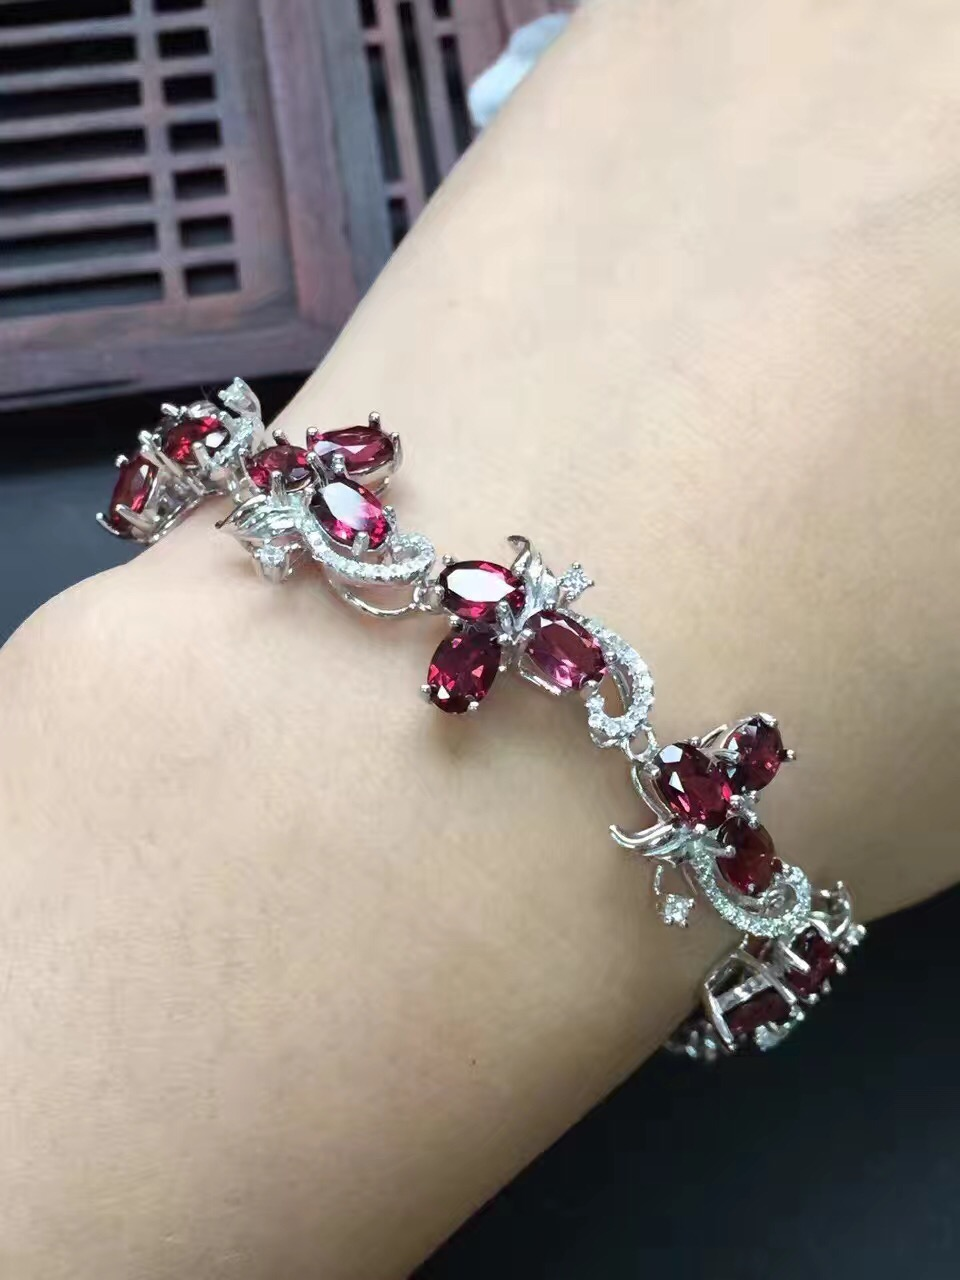 Fine Jewelry Real 925 Steling Silver s925 100% Natural Red Garnet Gemstone Bracelet women Bracelets Christmas Gift fine jewelry real 925 steling silver s925 100